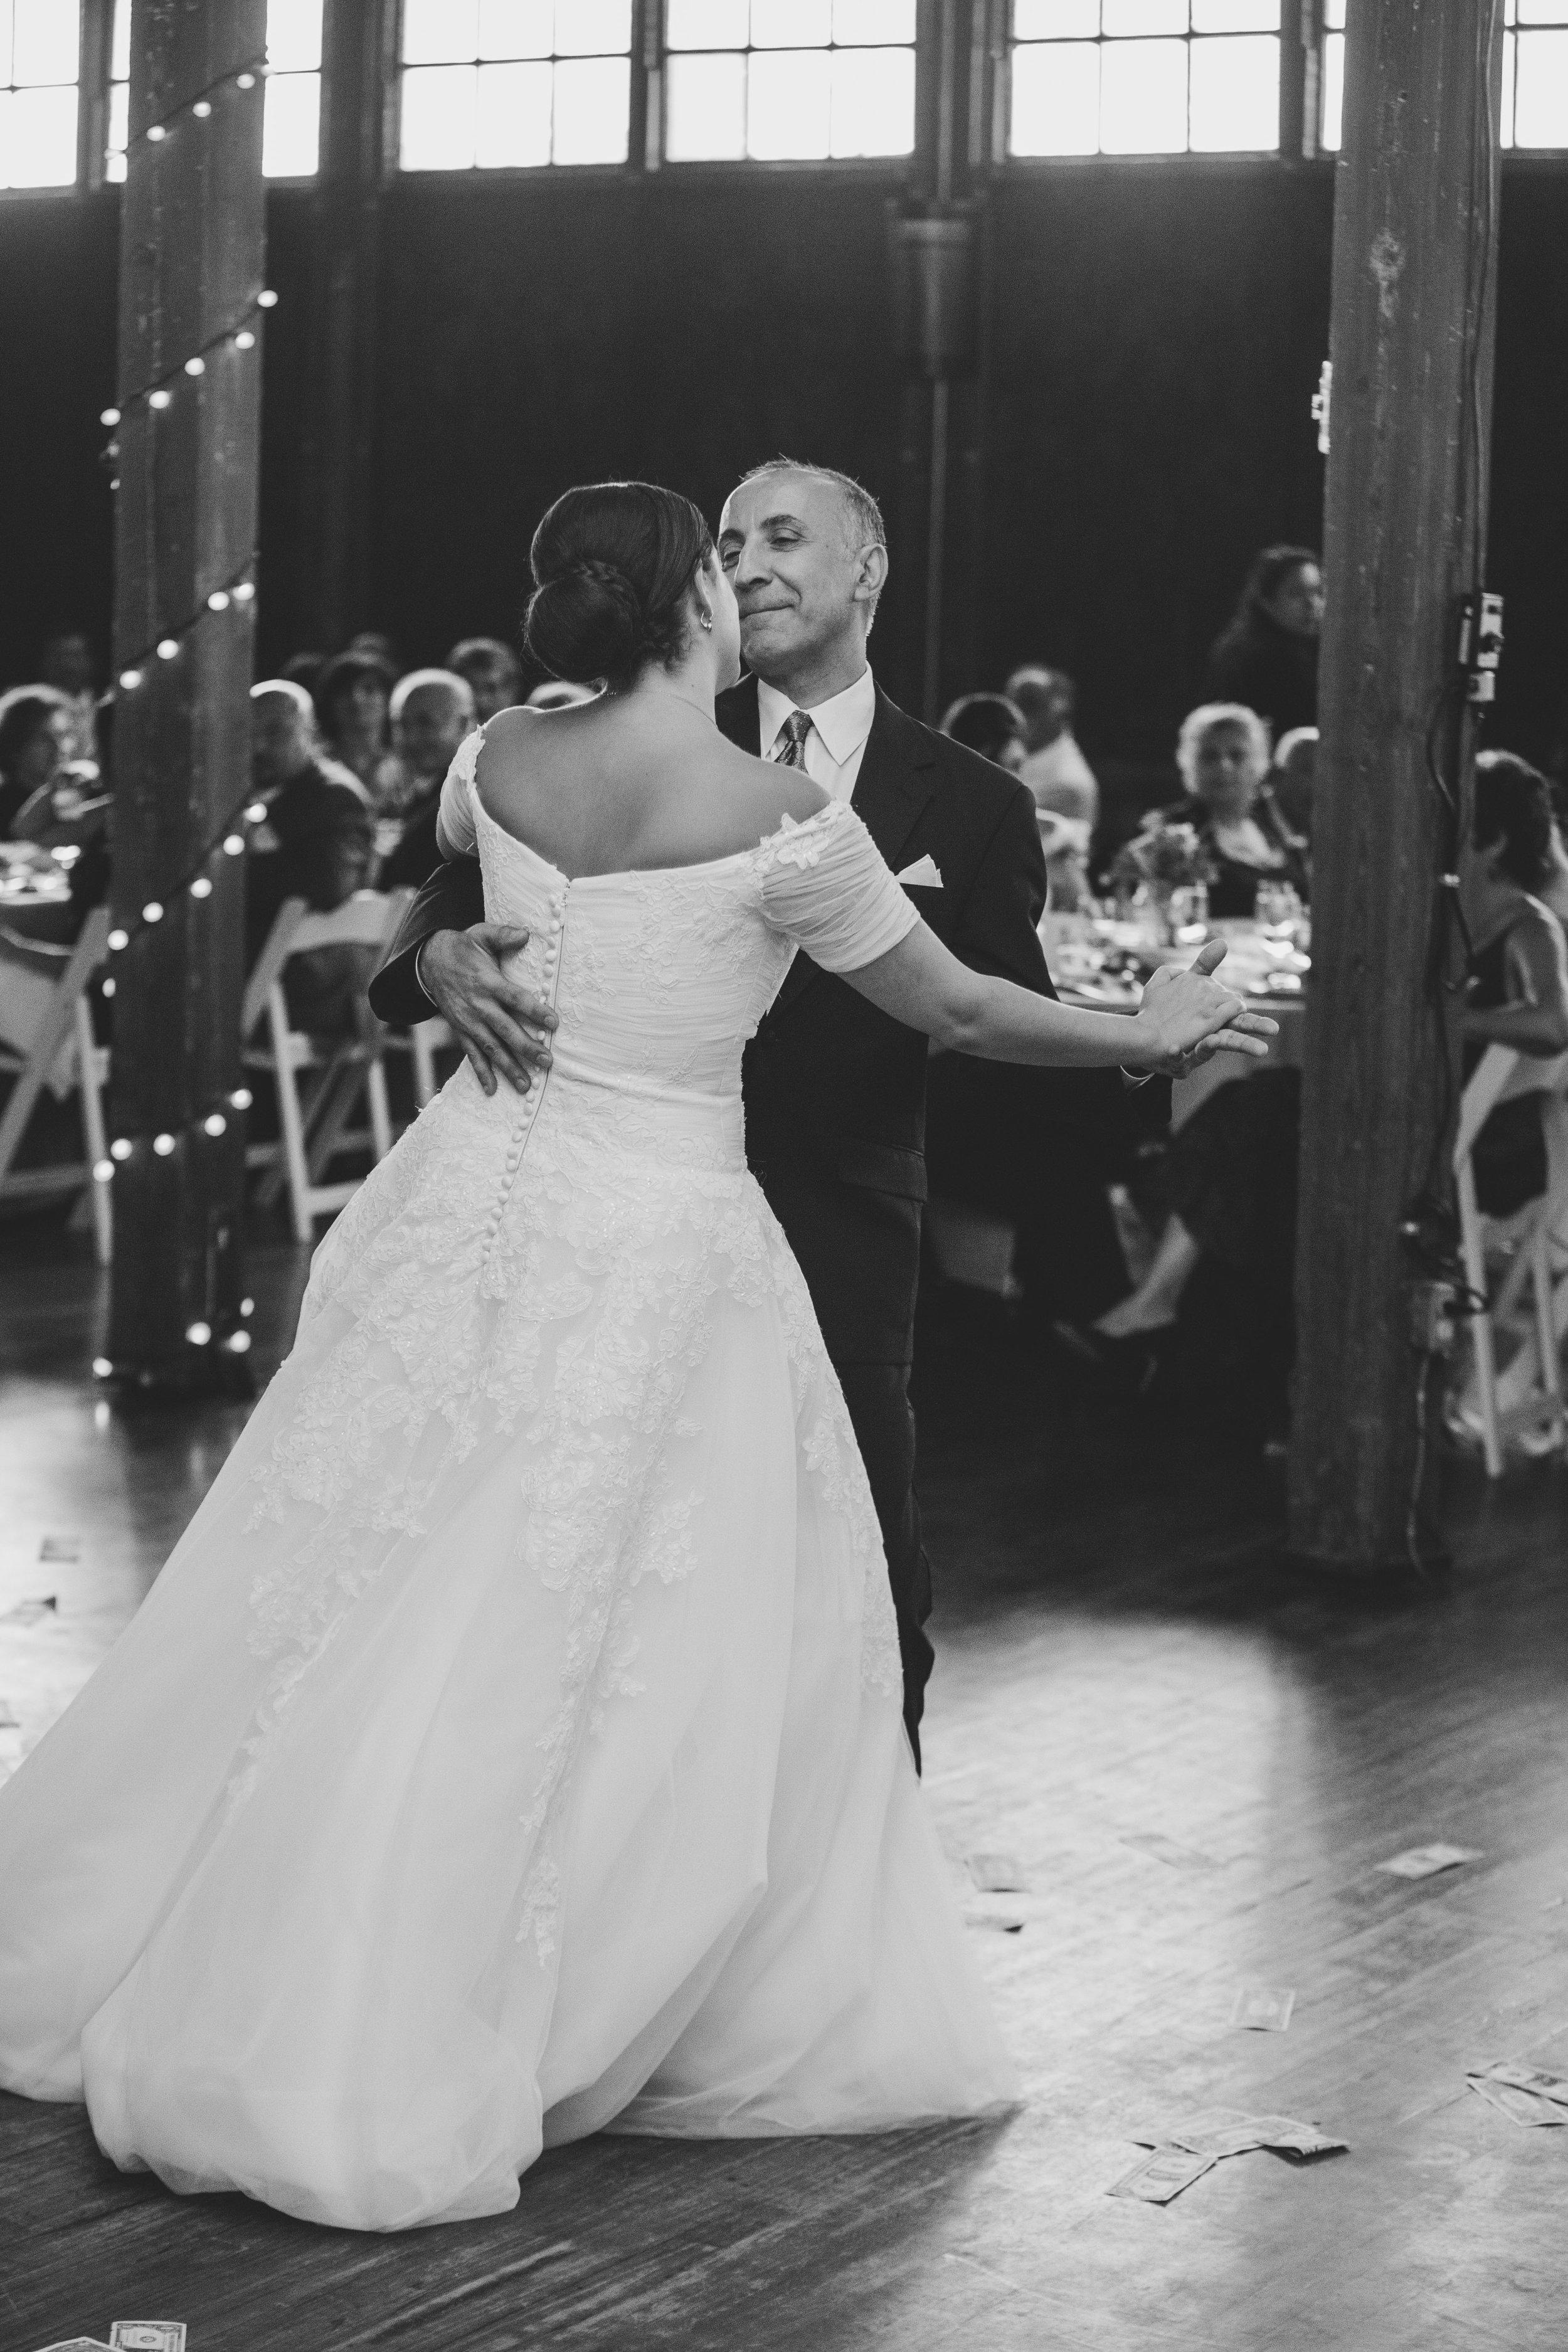 ATGI_Magali & Josh Wedding1__244.jpg